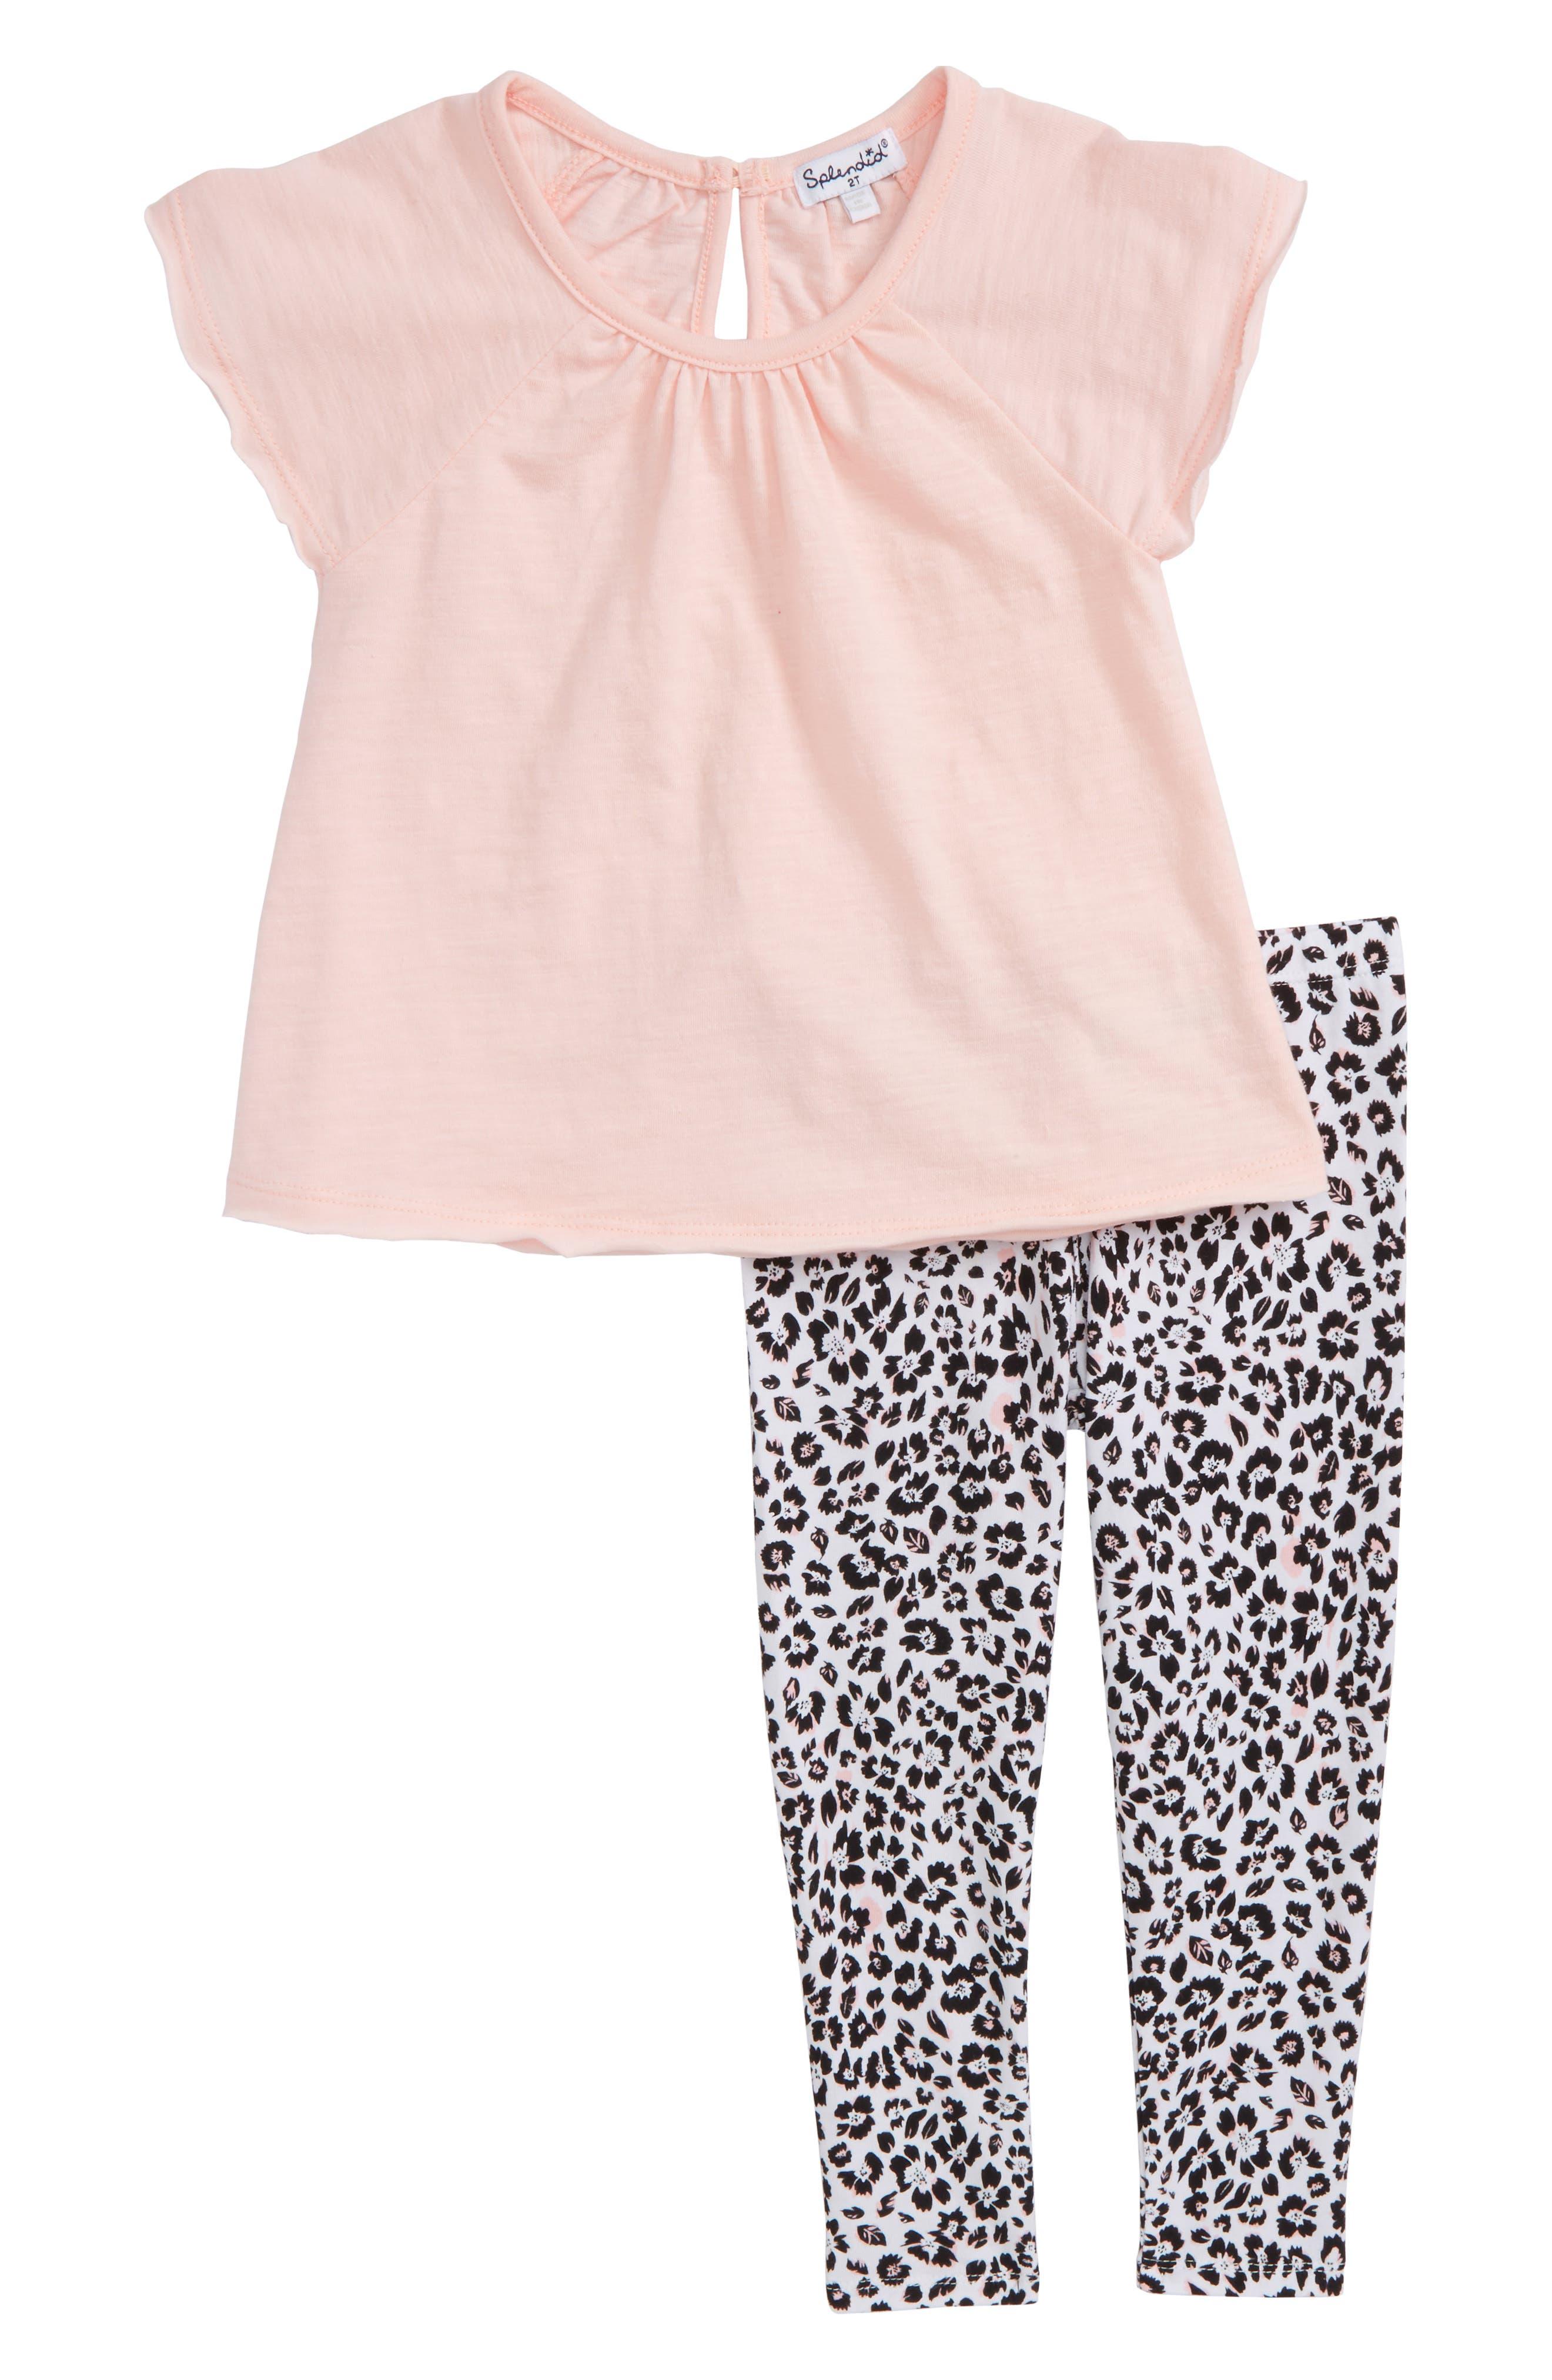 Swing Top & Floral Print Leggings Set,                             Main thumbnail 1, color,                             Seafoam Pink